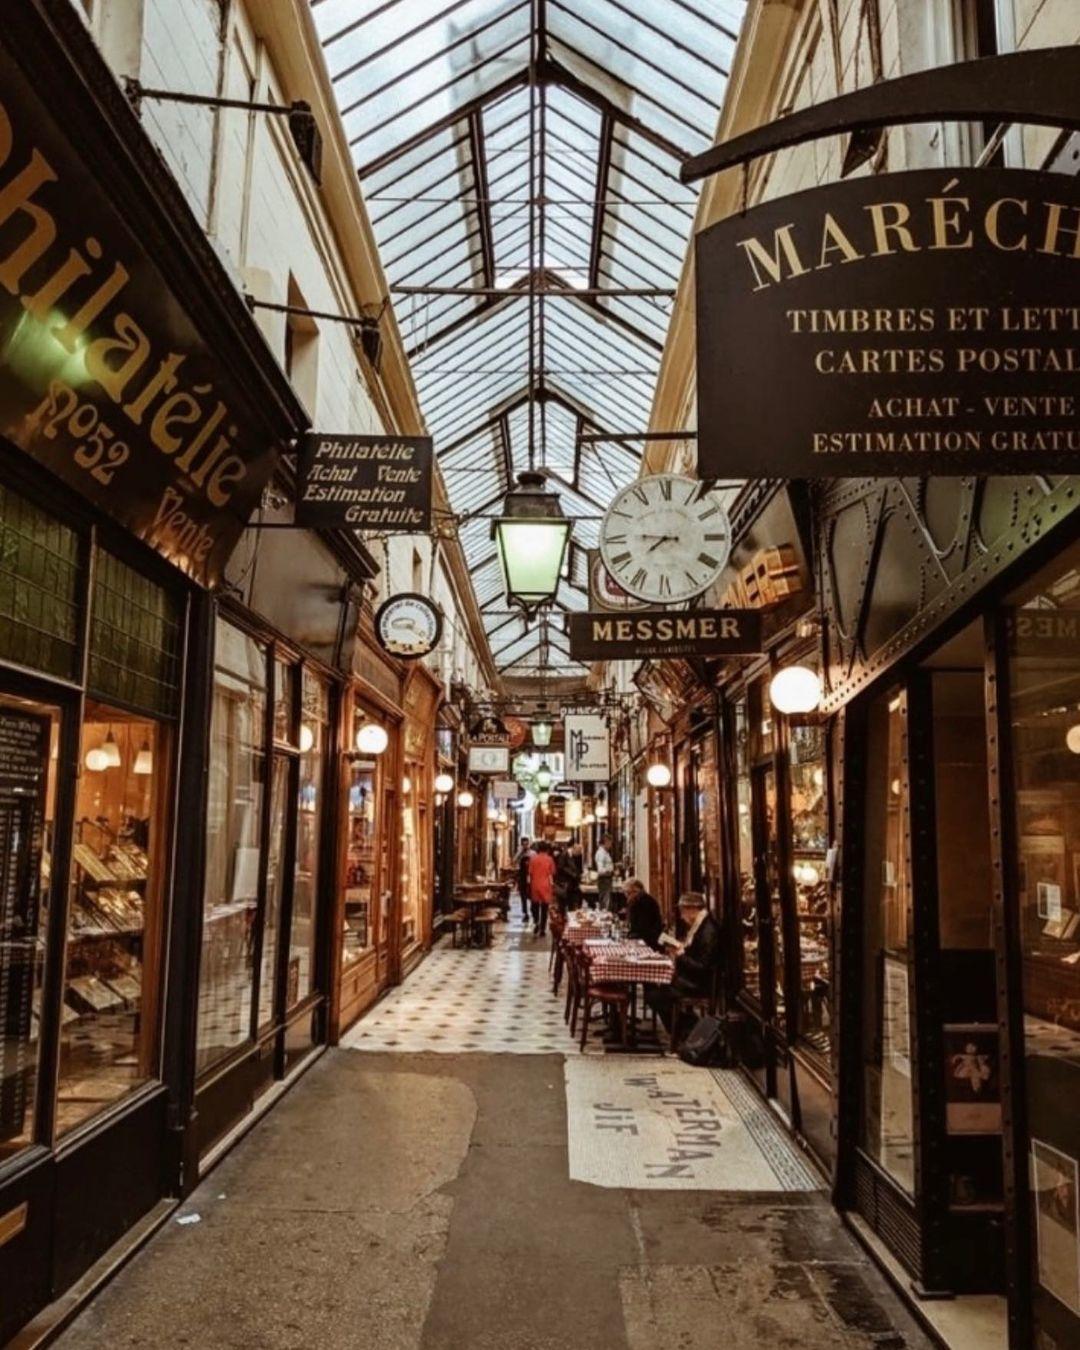 Passage des Panoramas jalan indah di Paris